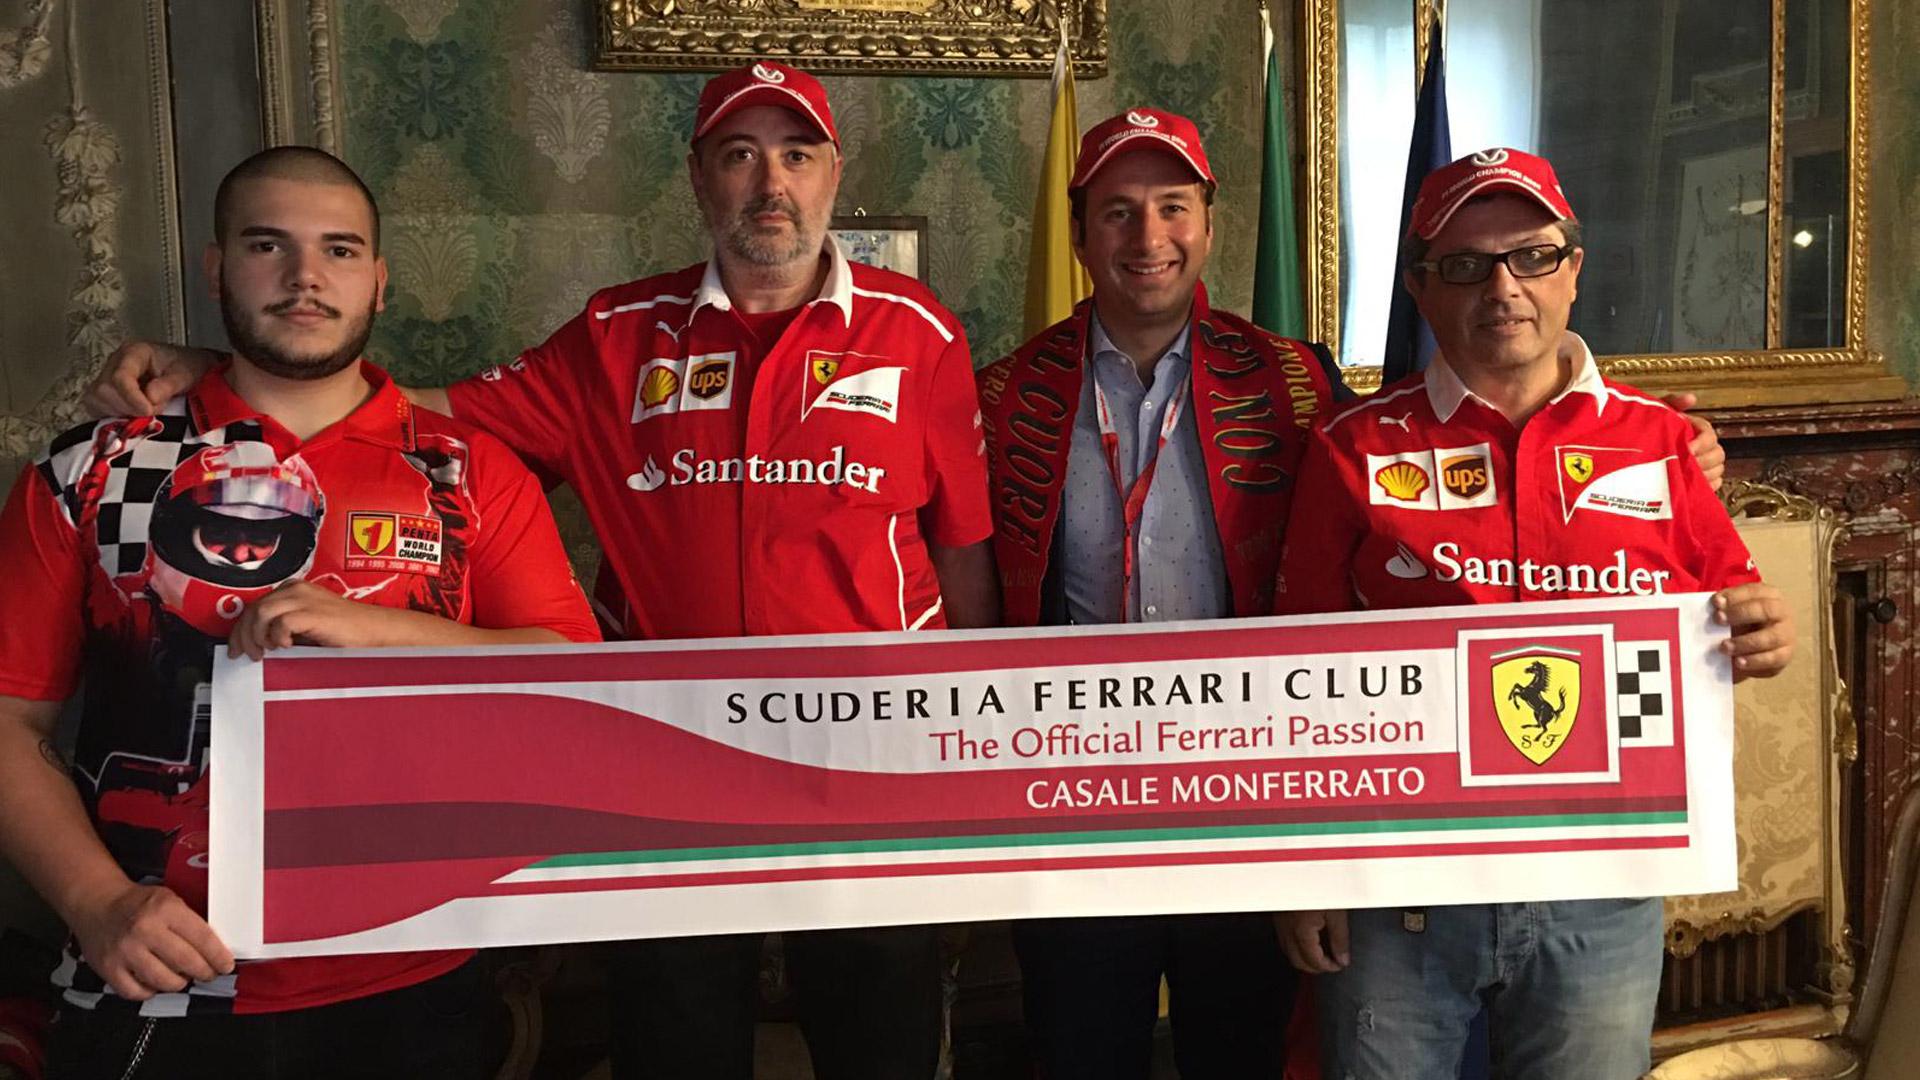 """E' nato il club ufficiale del cavallino rampante """"Scuderia Ferrari Club"""" di Casale Monferrato"""" - Monferrato Web TV"""